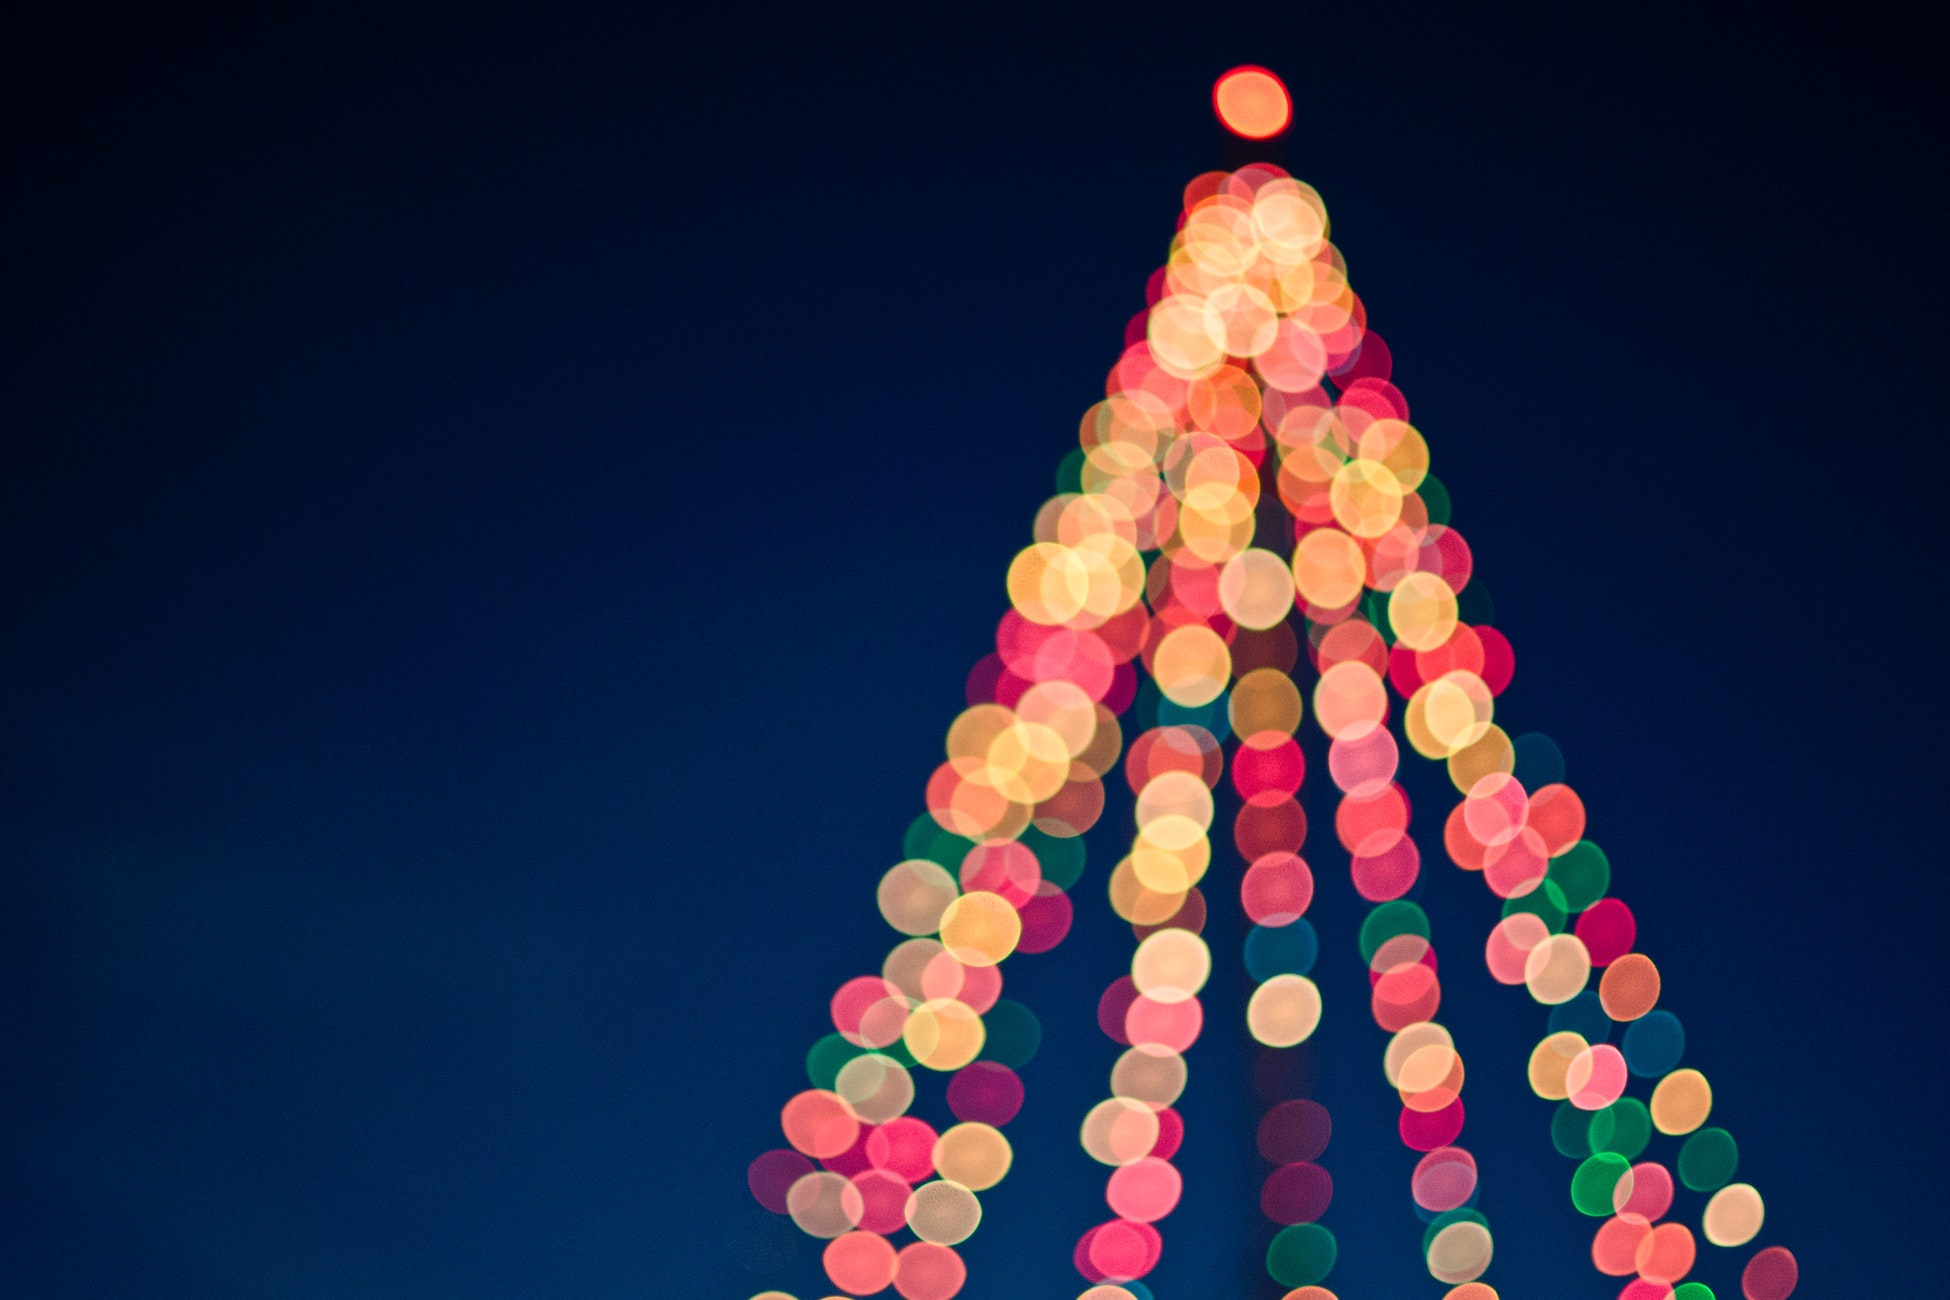 Kerstverlichting: de nieuwste trends en ideeën voor extra sfeer